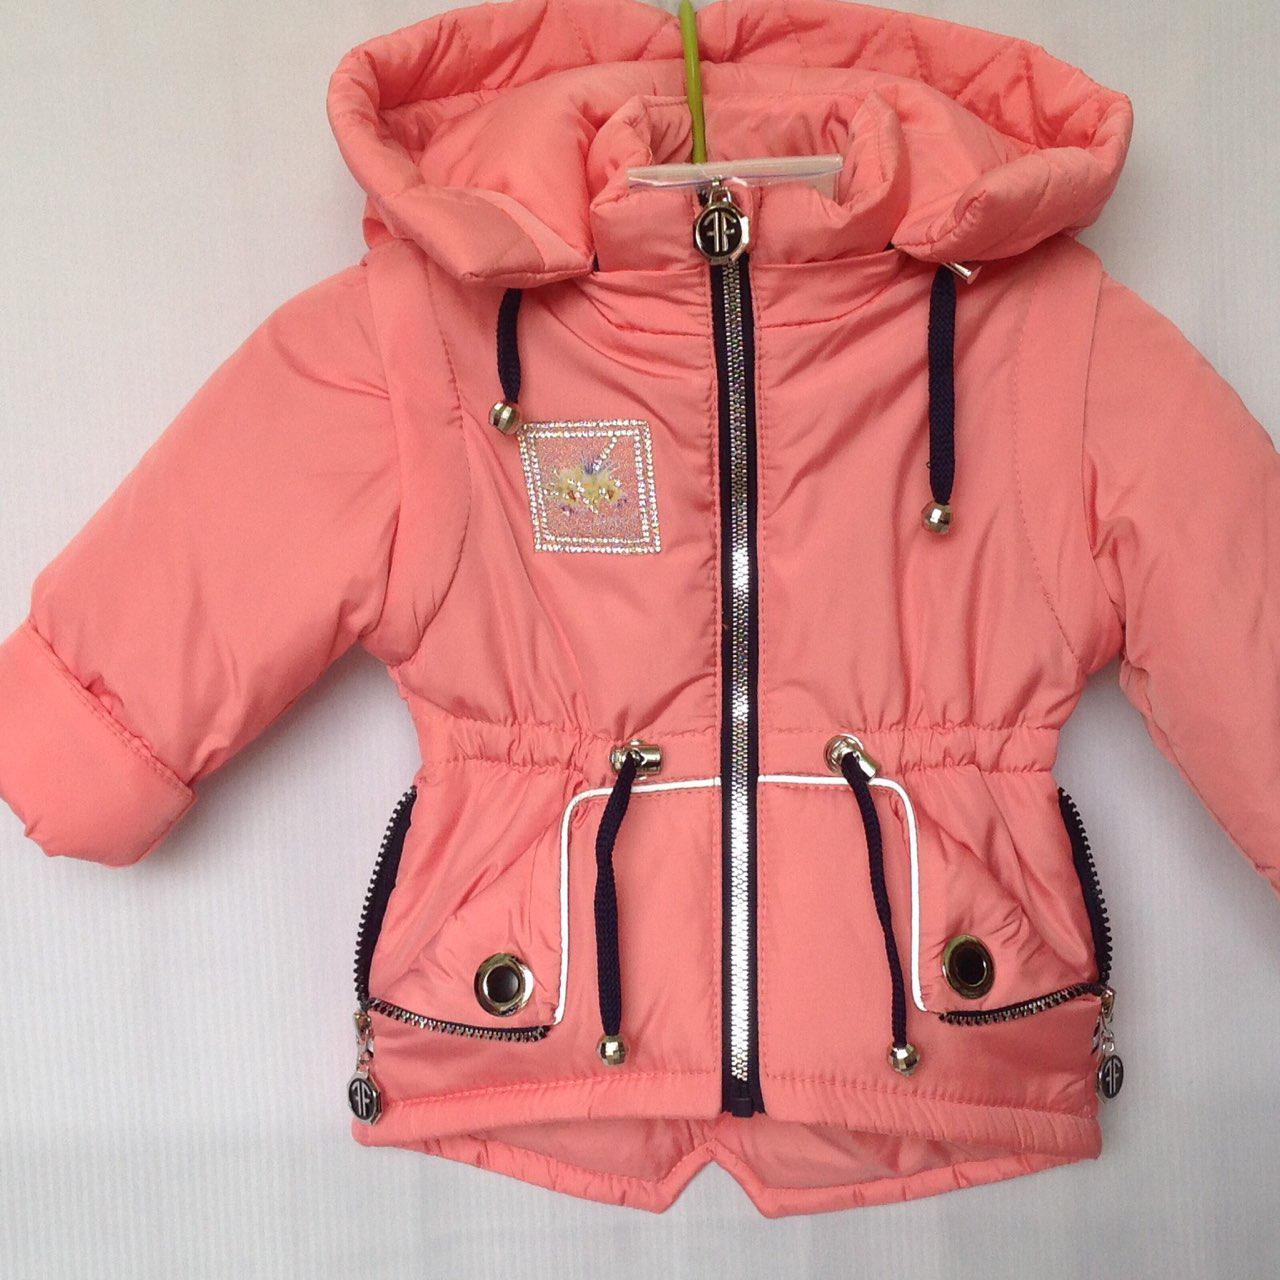 """Куртка-трансформер детская демисезонная """"Change"""" для девочек. 1-5 лет (86-110 см). Коралловая. Оптом., фото 1"""